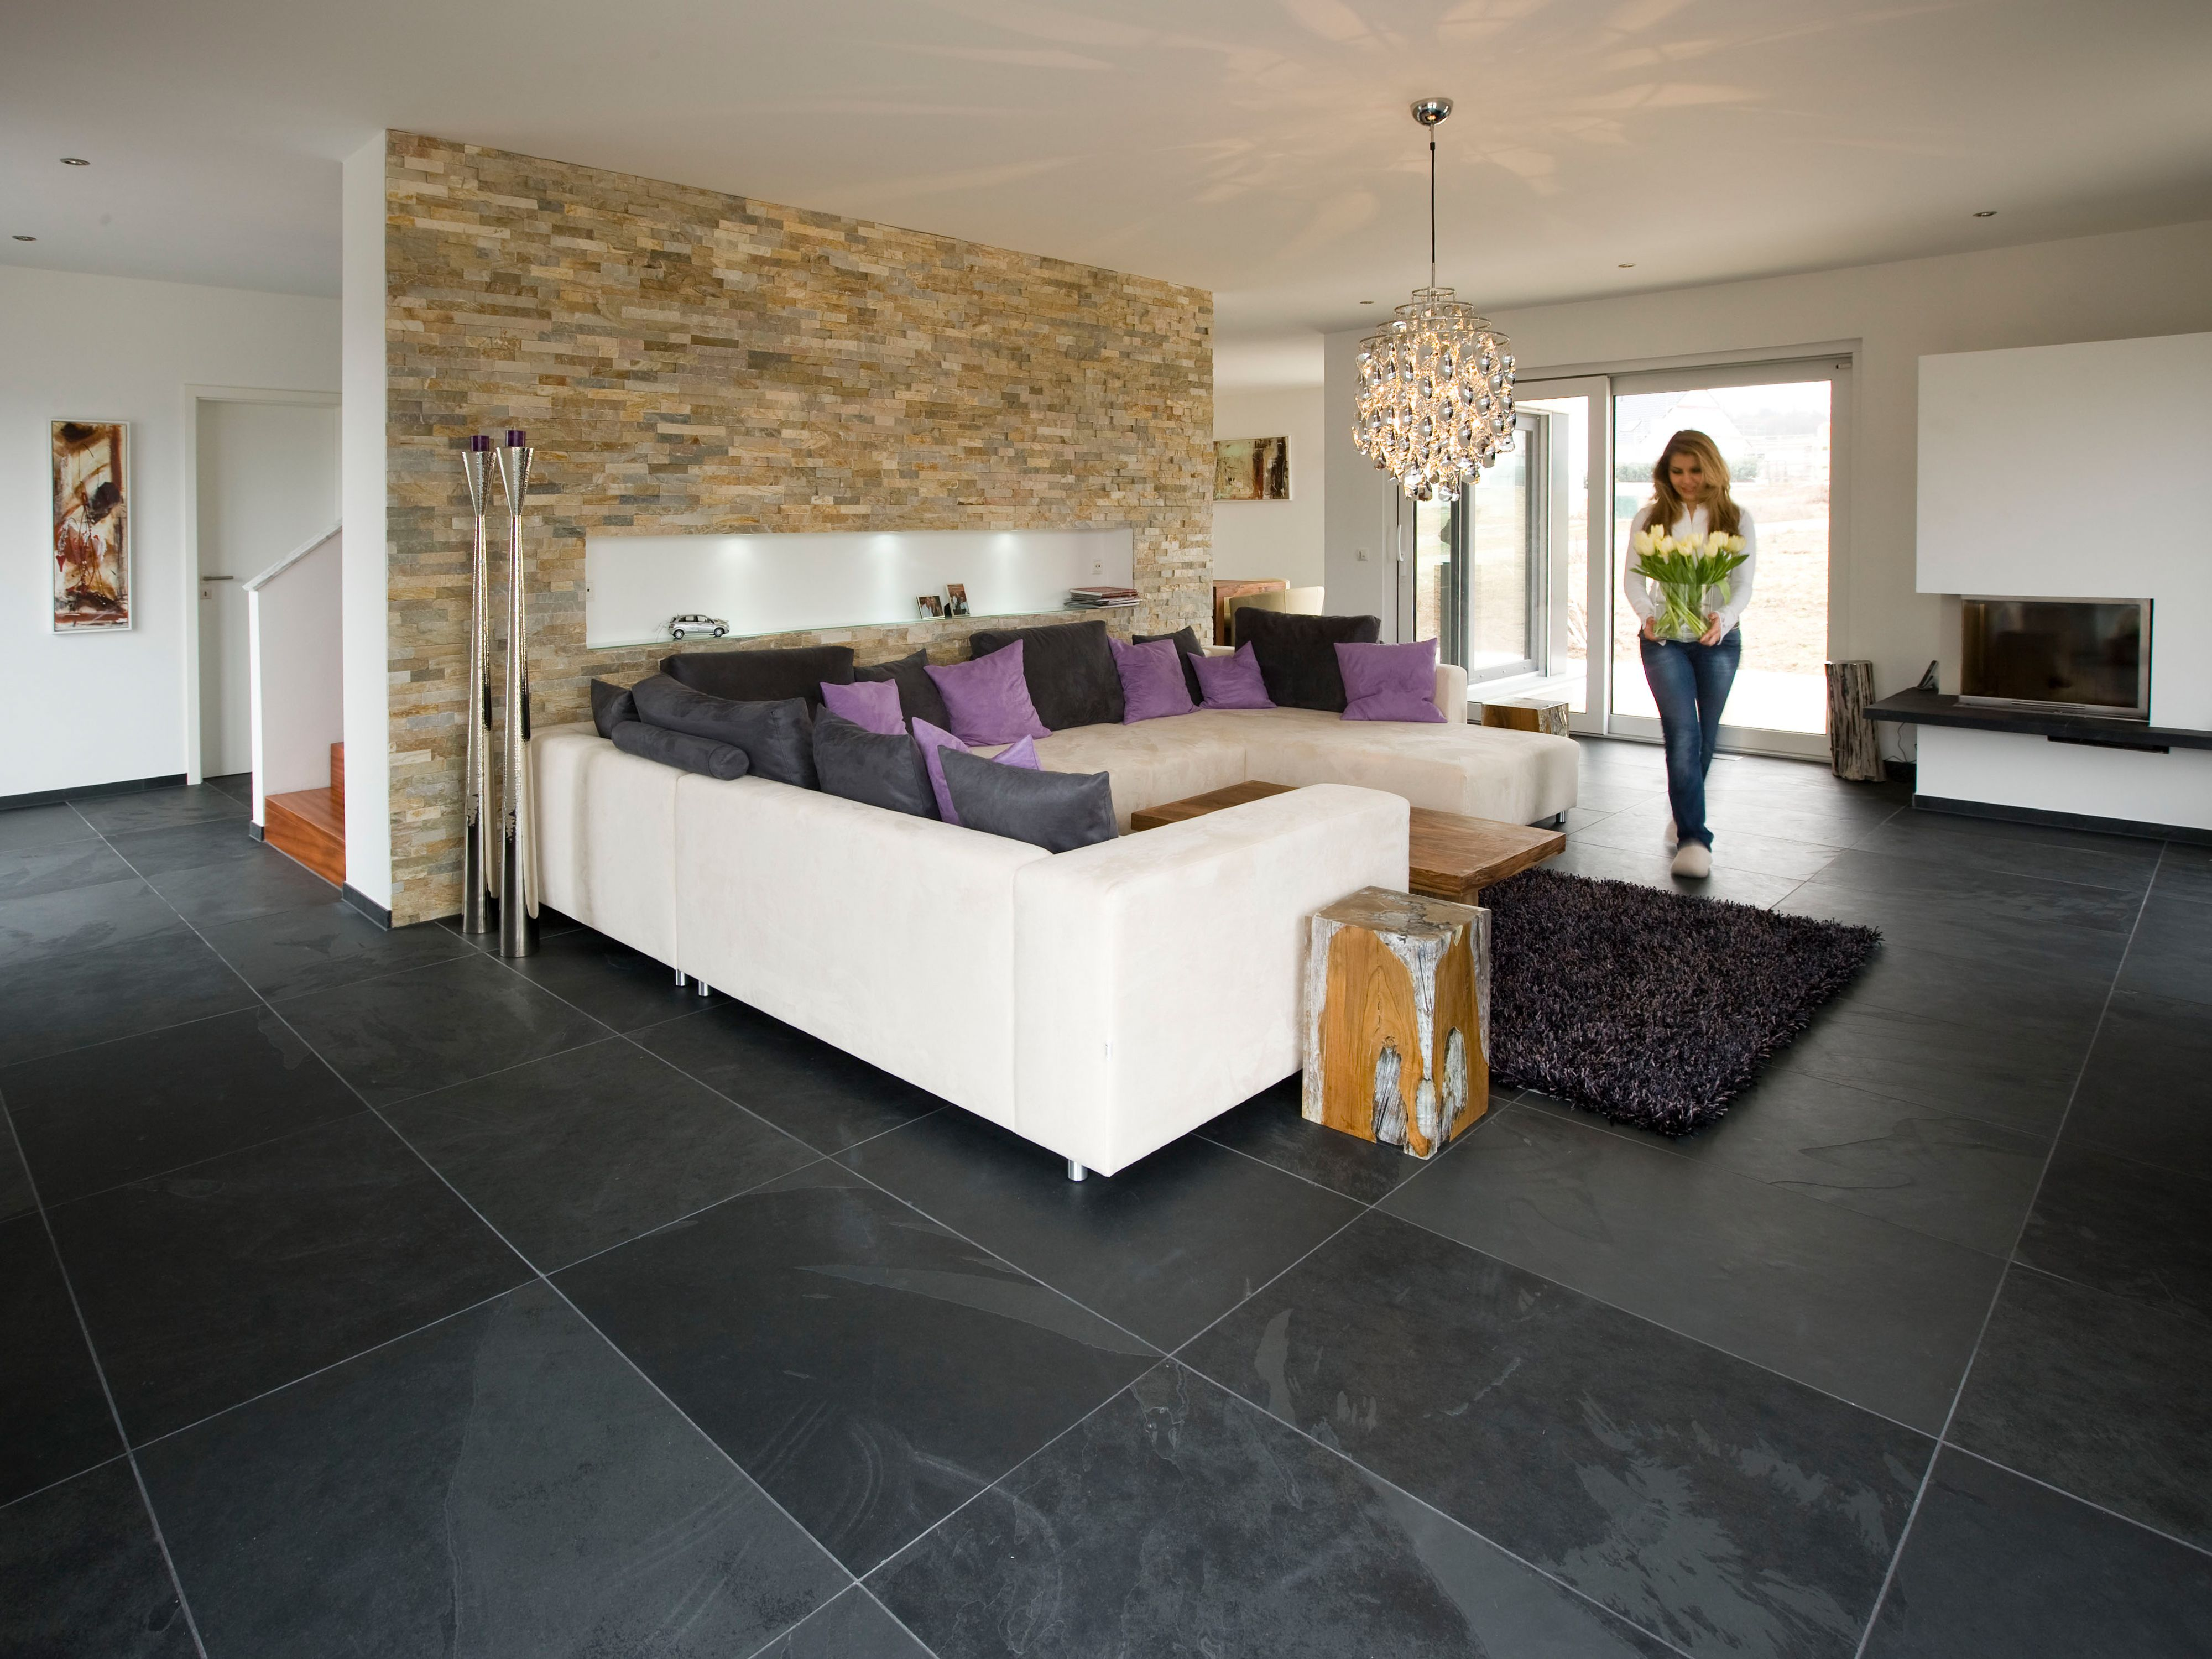 design#5000892: fliesen modern wohnzimmer ? moderne wohnzimmer ... - Dunkle Fliesen Wohnzimmer Modern